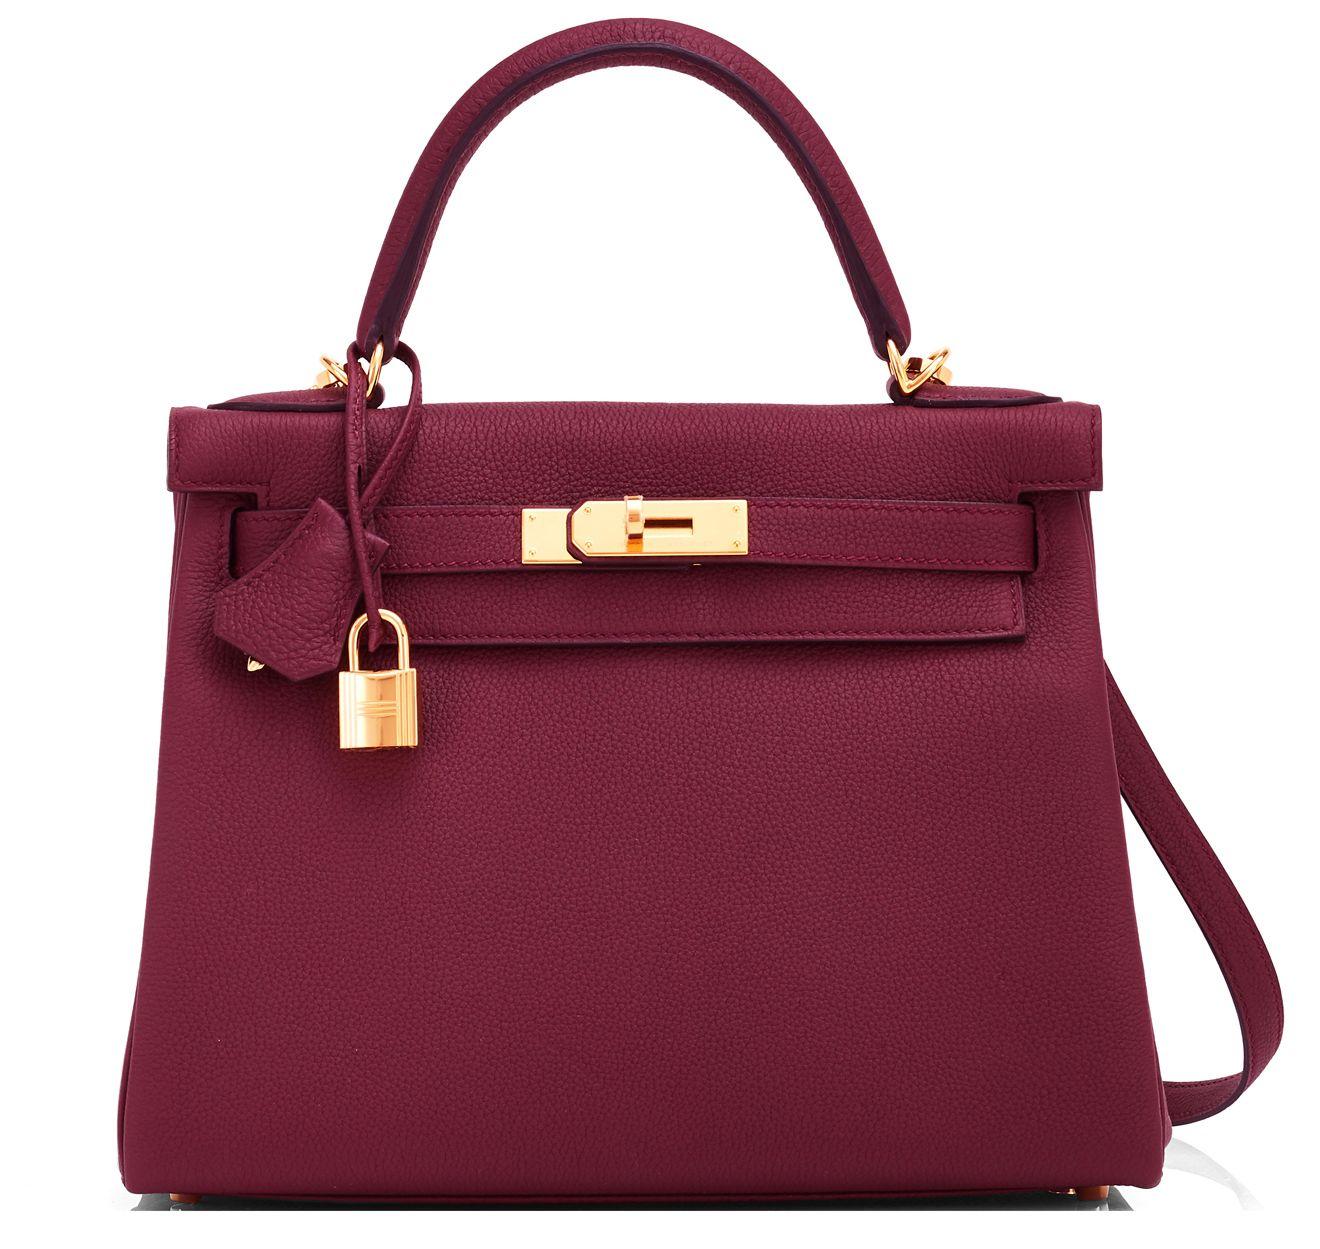 Hermes  Kelly  Bag Bordeaux Togo Gold Hardware   ! ♥ Fashion ... 8af5104279